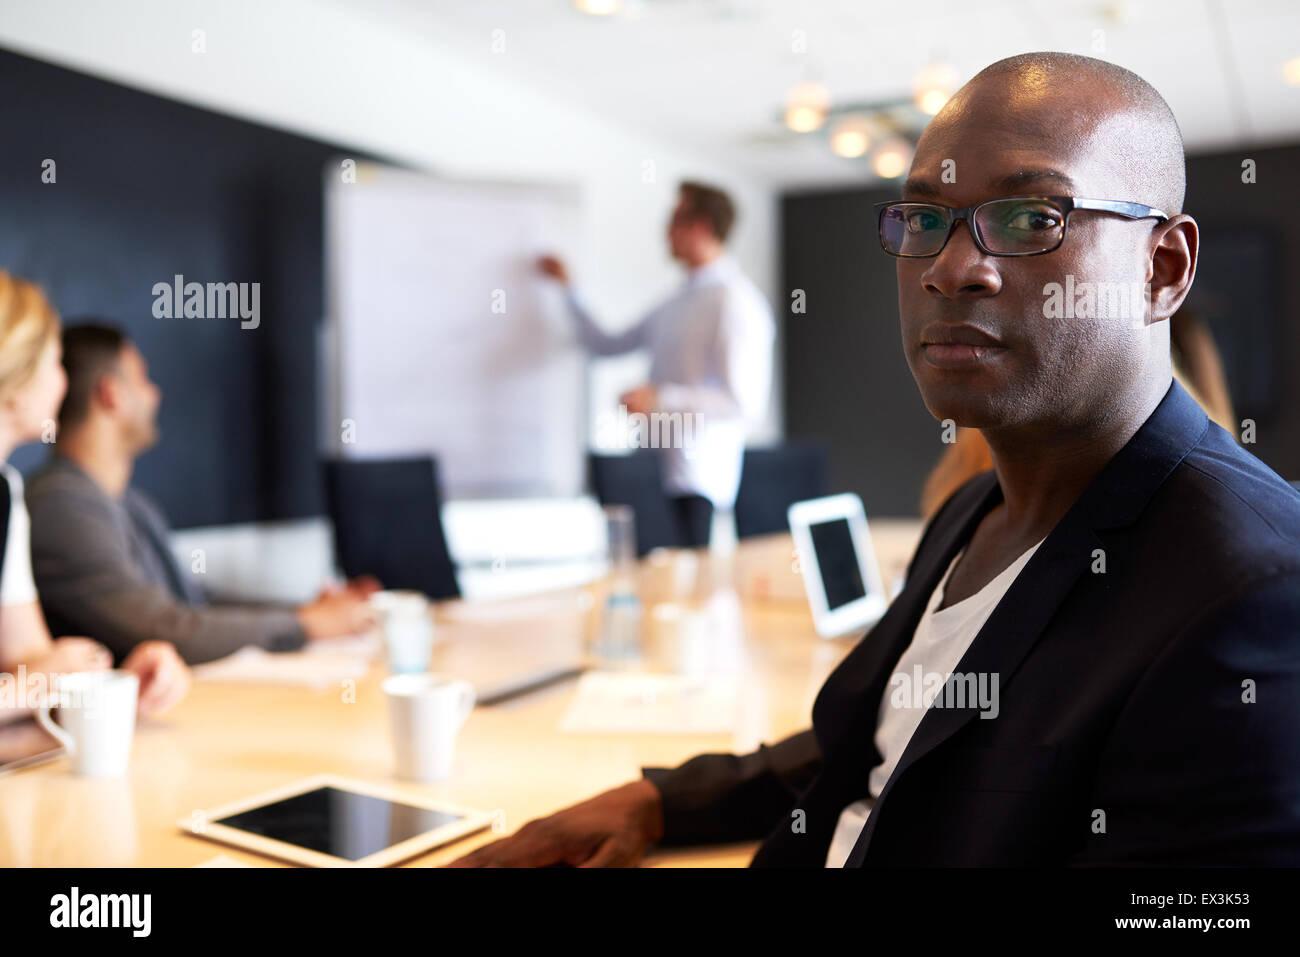 Mâle noir caméra exécutif avec un air sérieux au cours de réunion Photo Stock